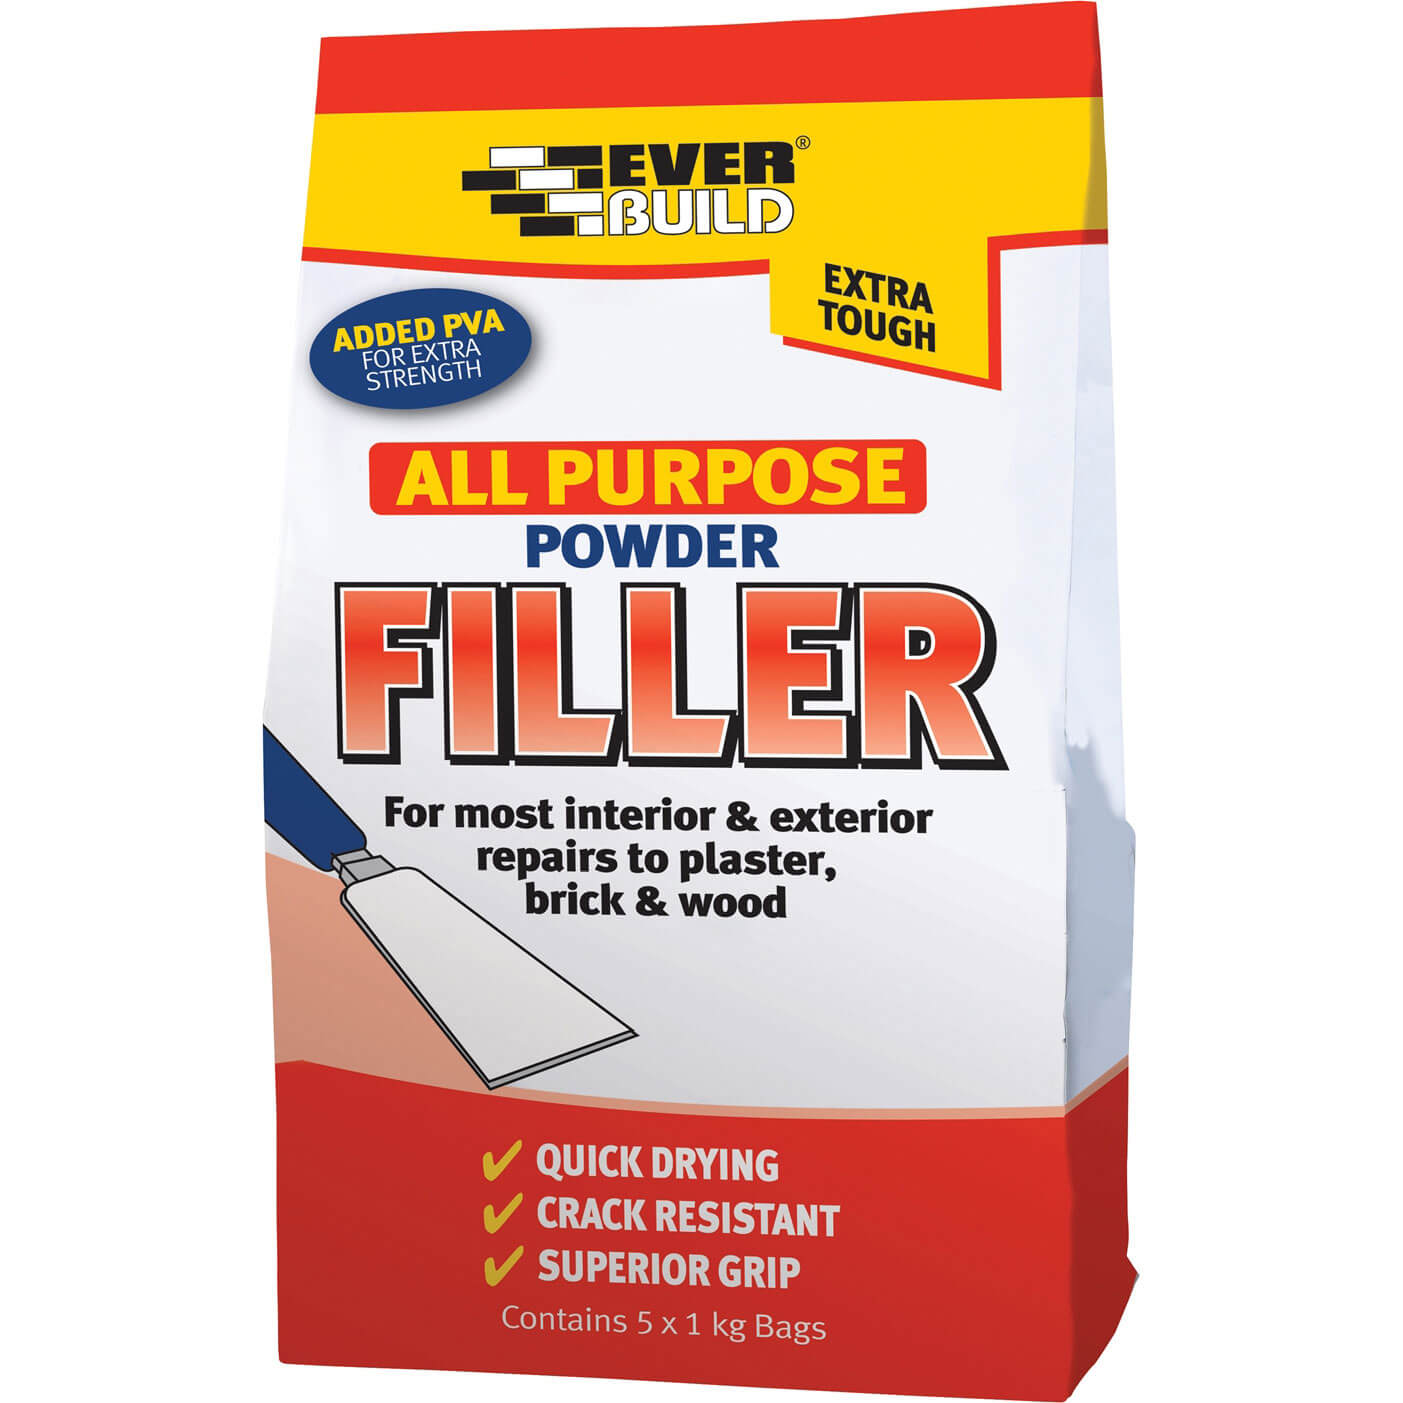 Image of Everbuild All Purpose Powder Filler 5kg